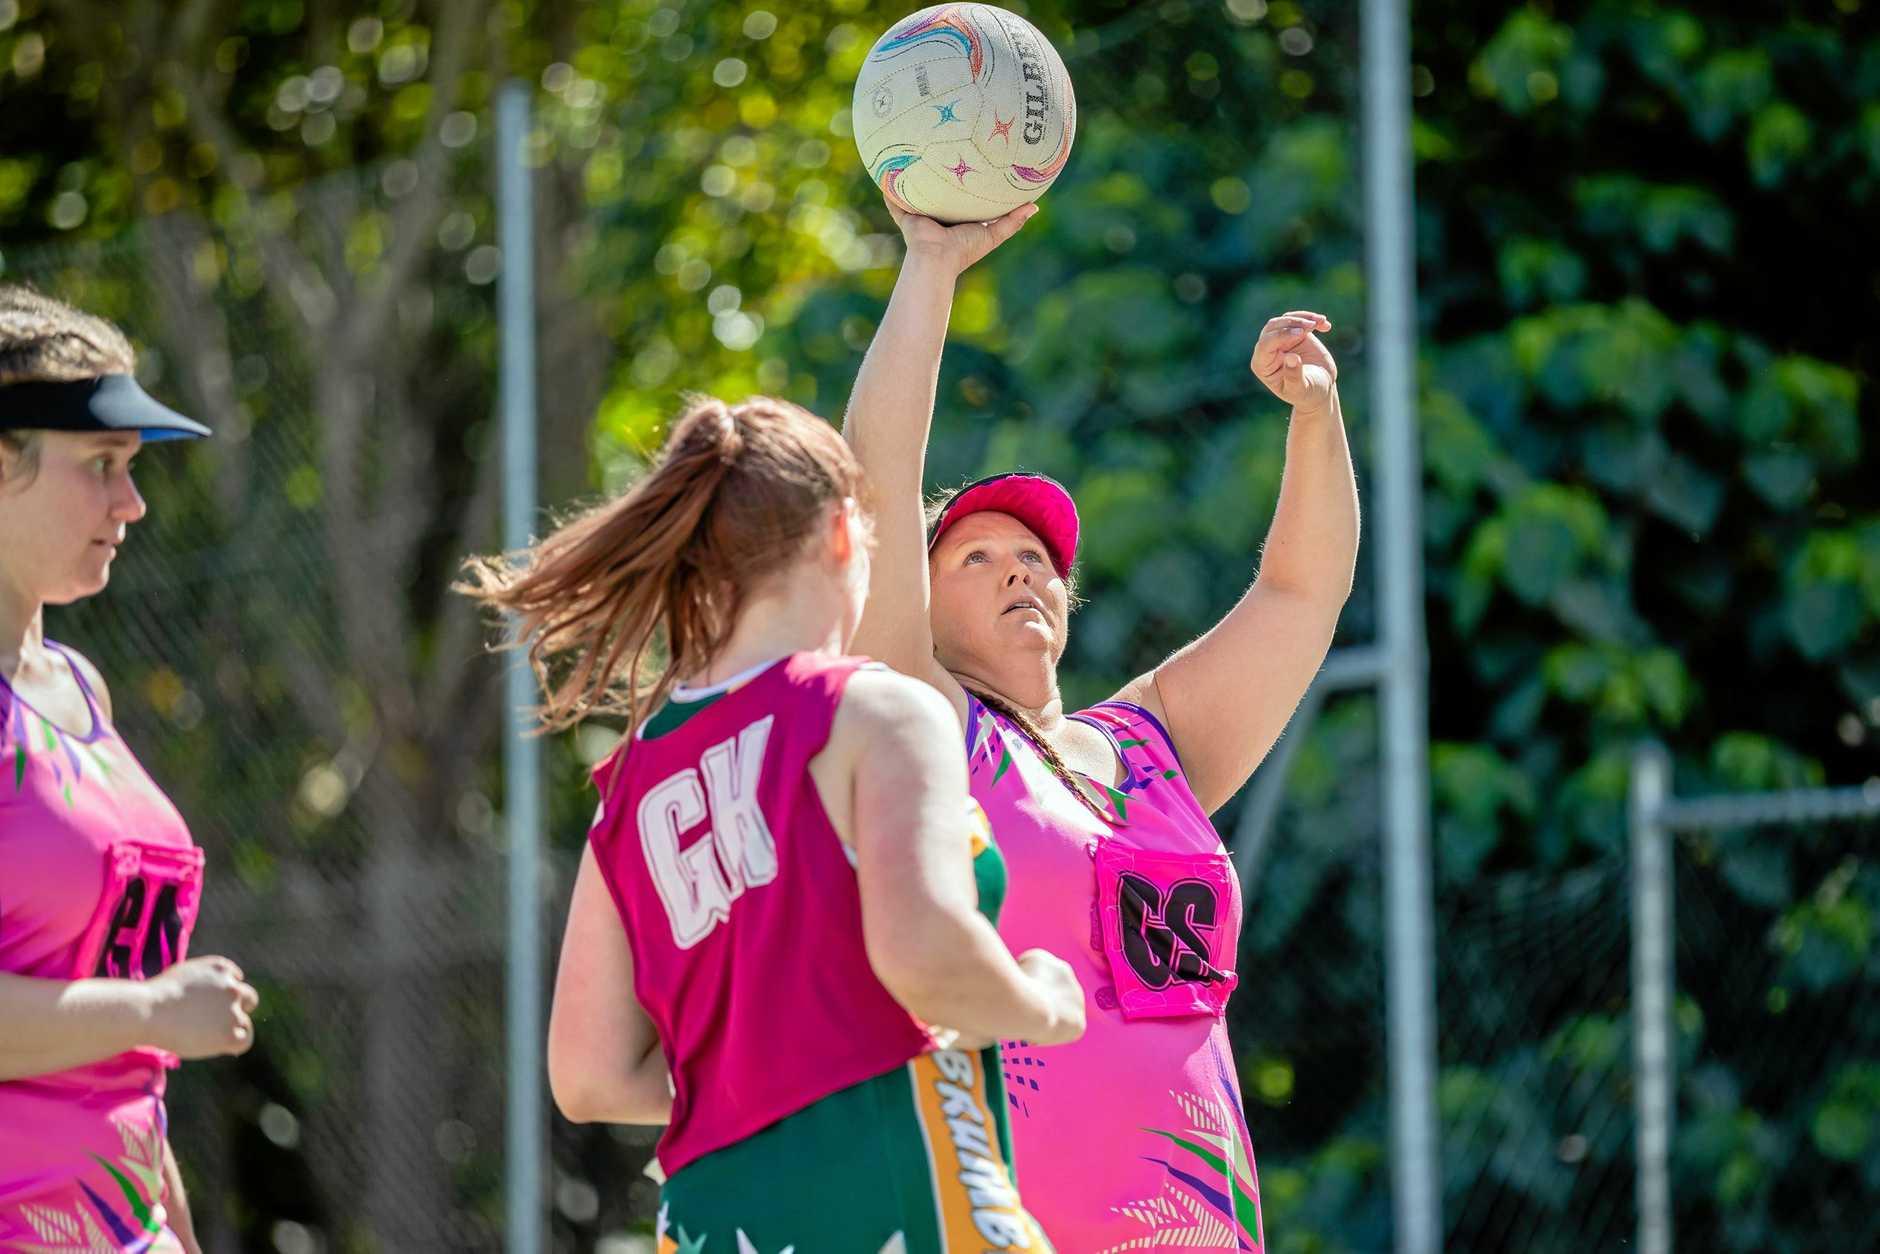 Netball - Priceline vs Brumbies Blazers - Kathy Kunst from Priceline